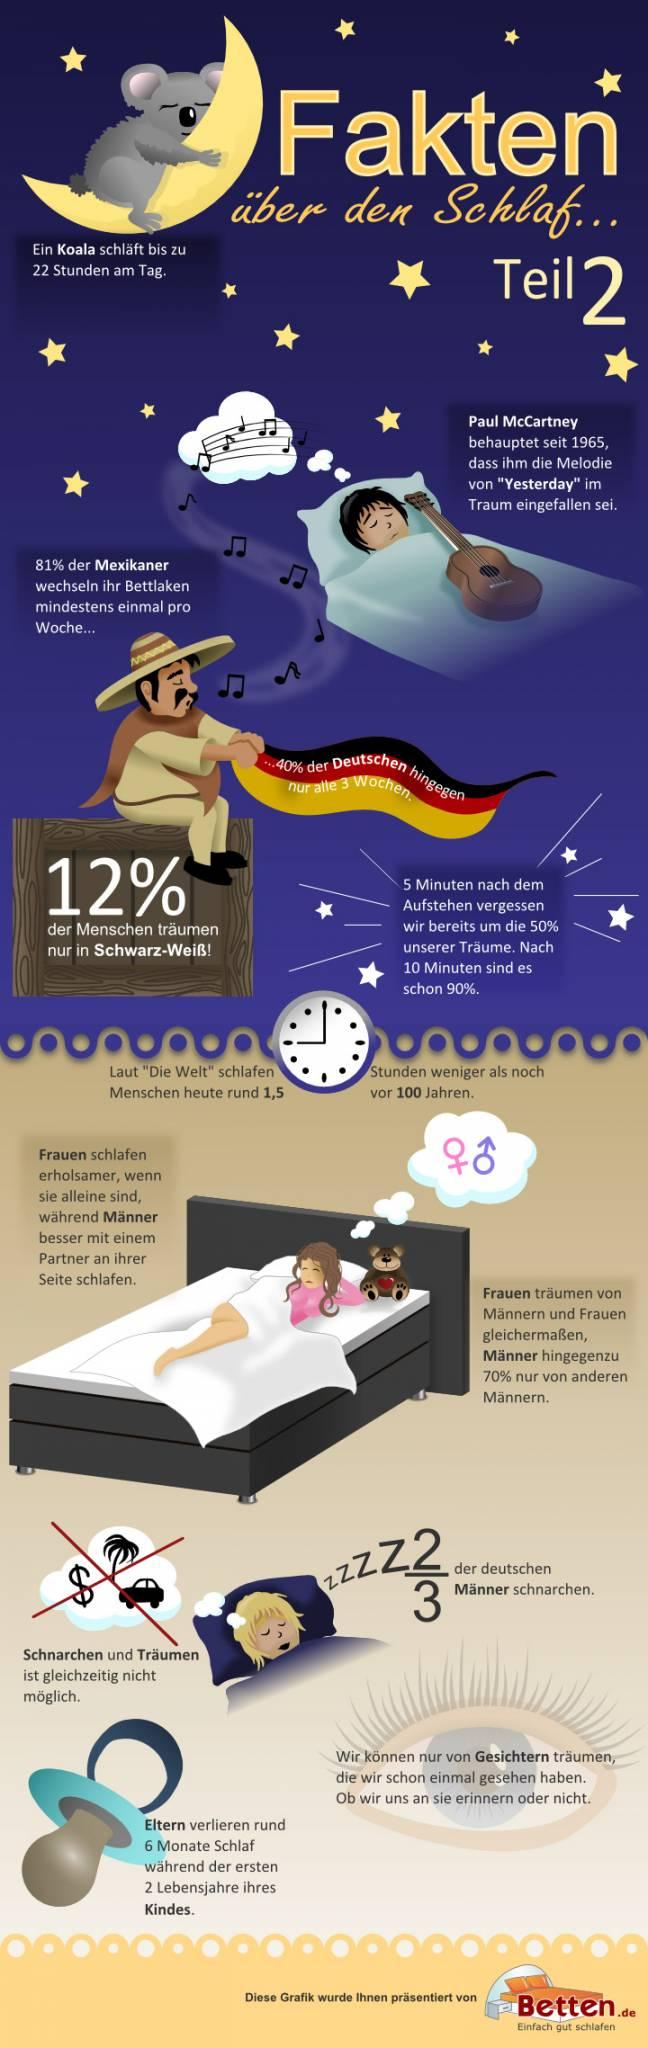 Fakten über den Schlaf - Infografik von Betten.de